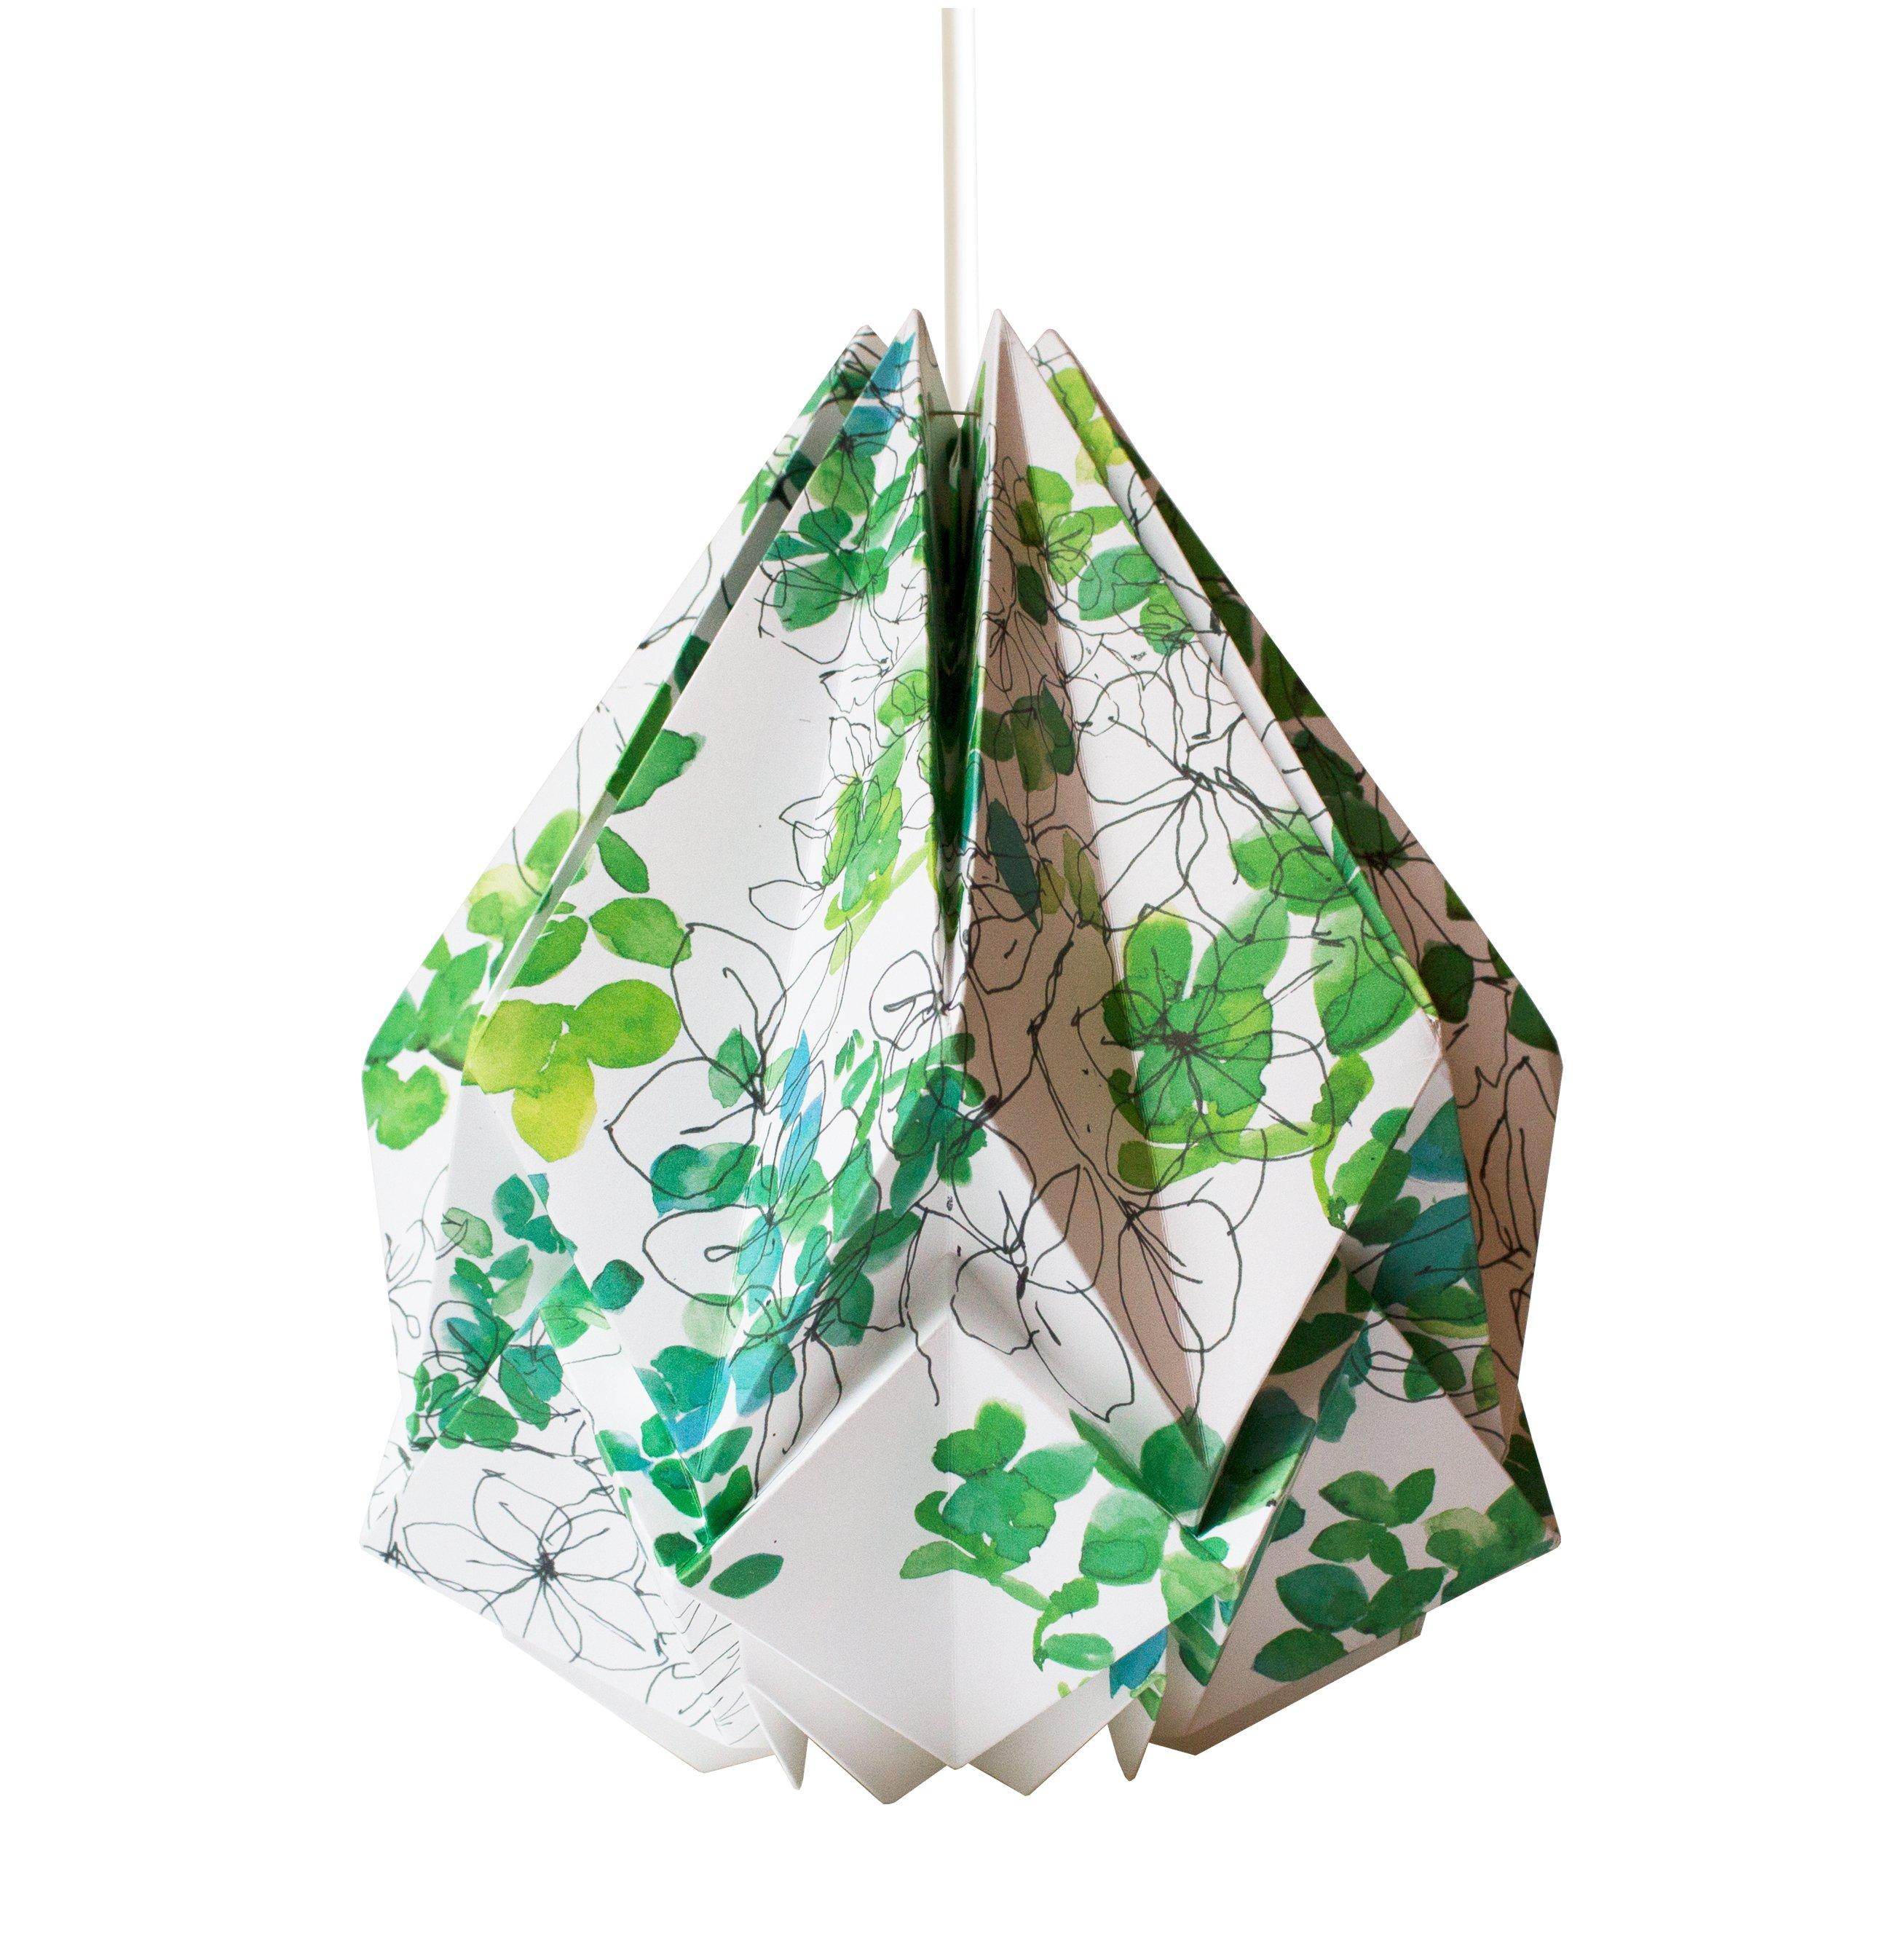 Suspension origami en papier motif printemps taille M